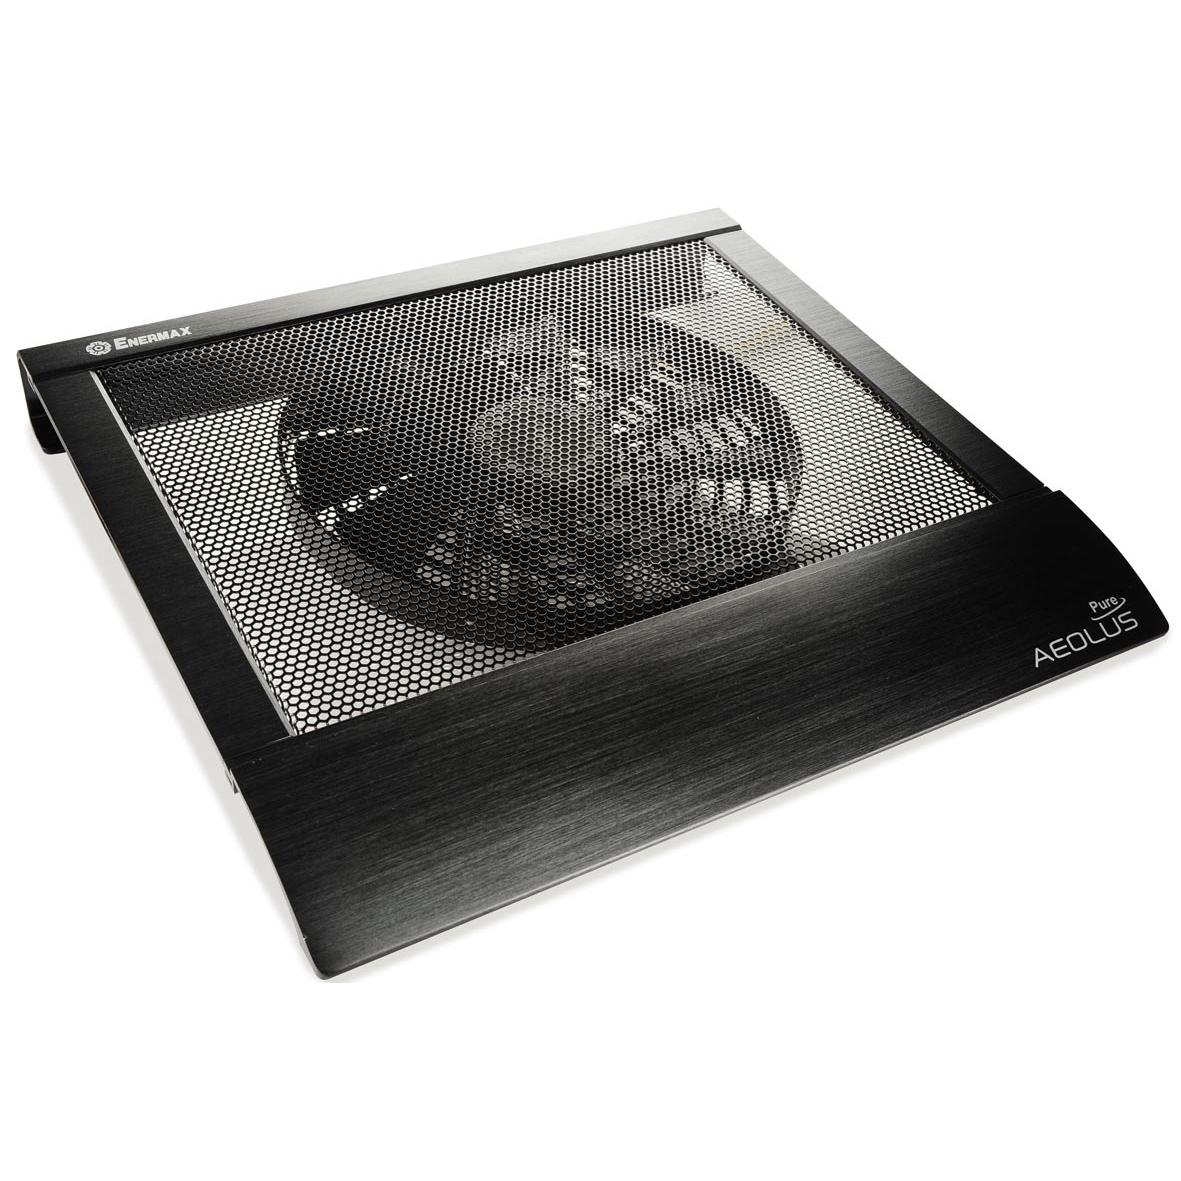 Enermax Aeolus Pure Ventilateur PC Portable Enermax Sur